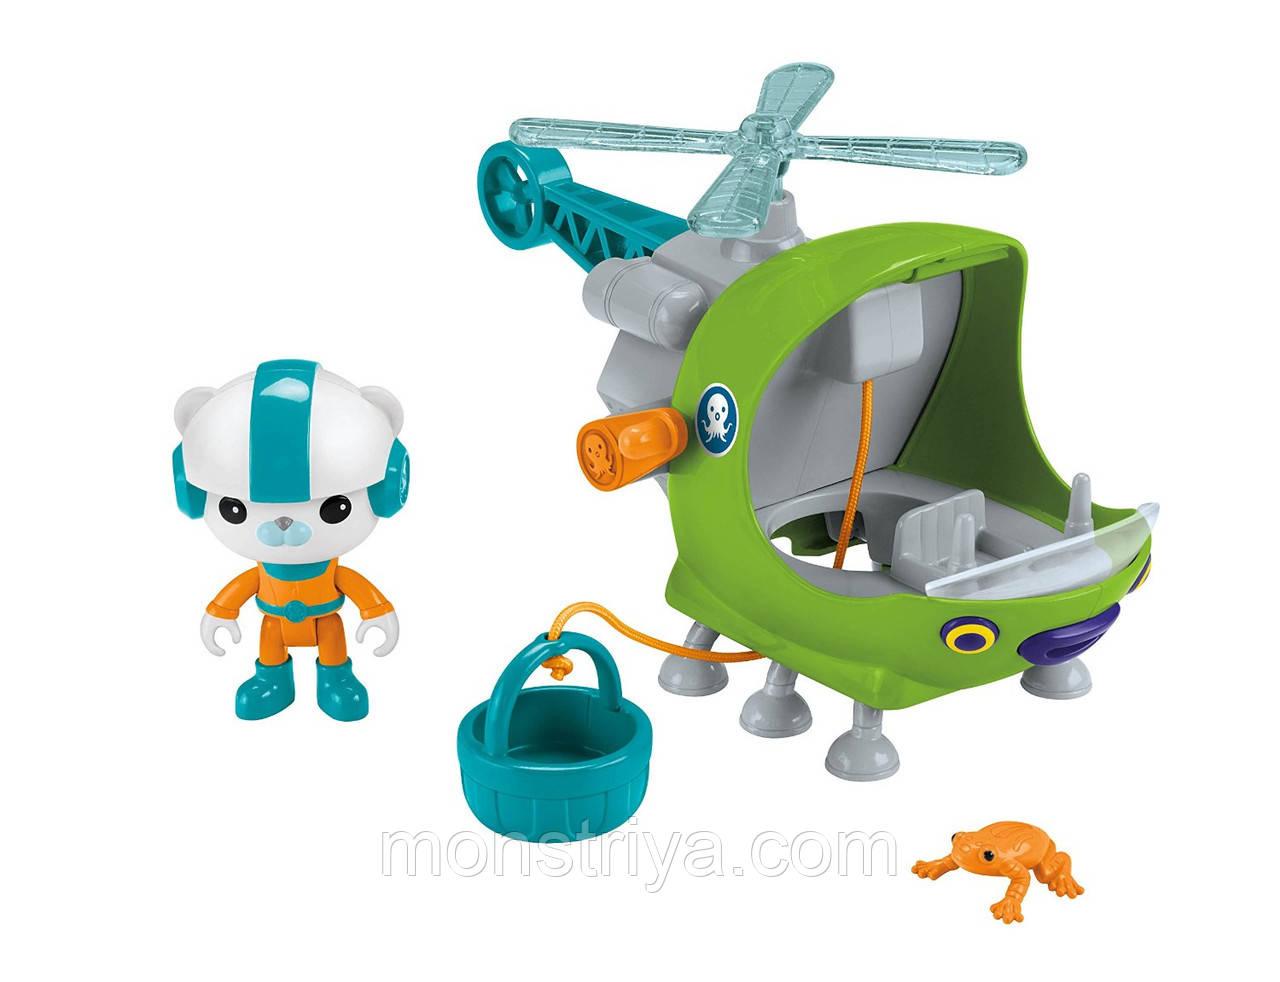 Игровой набор Октонавты-Спасательный вертолет и капитан Барнаклс